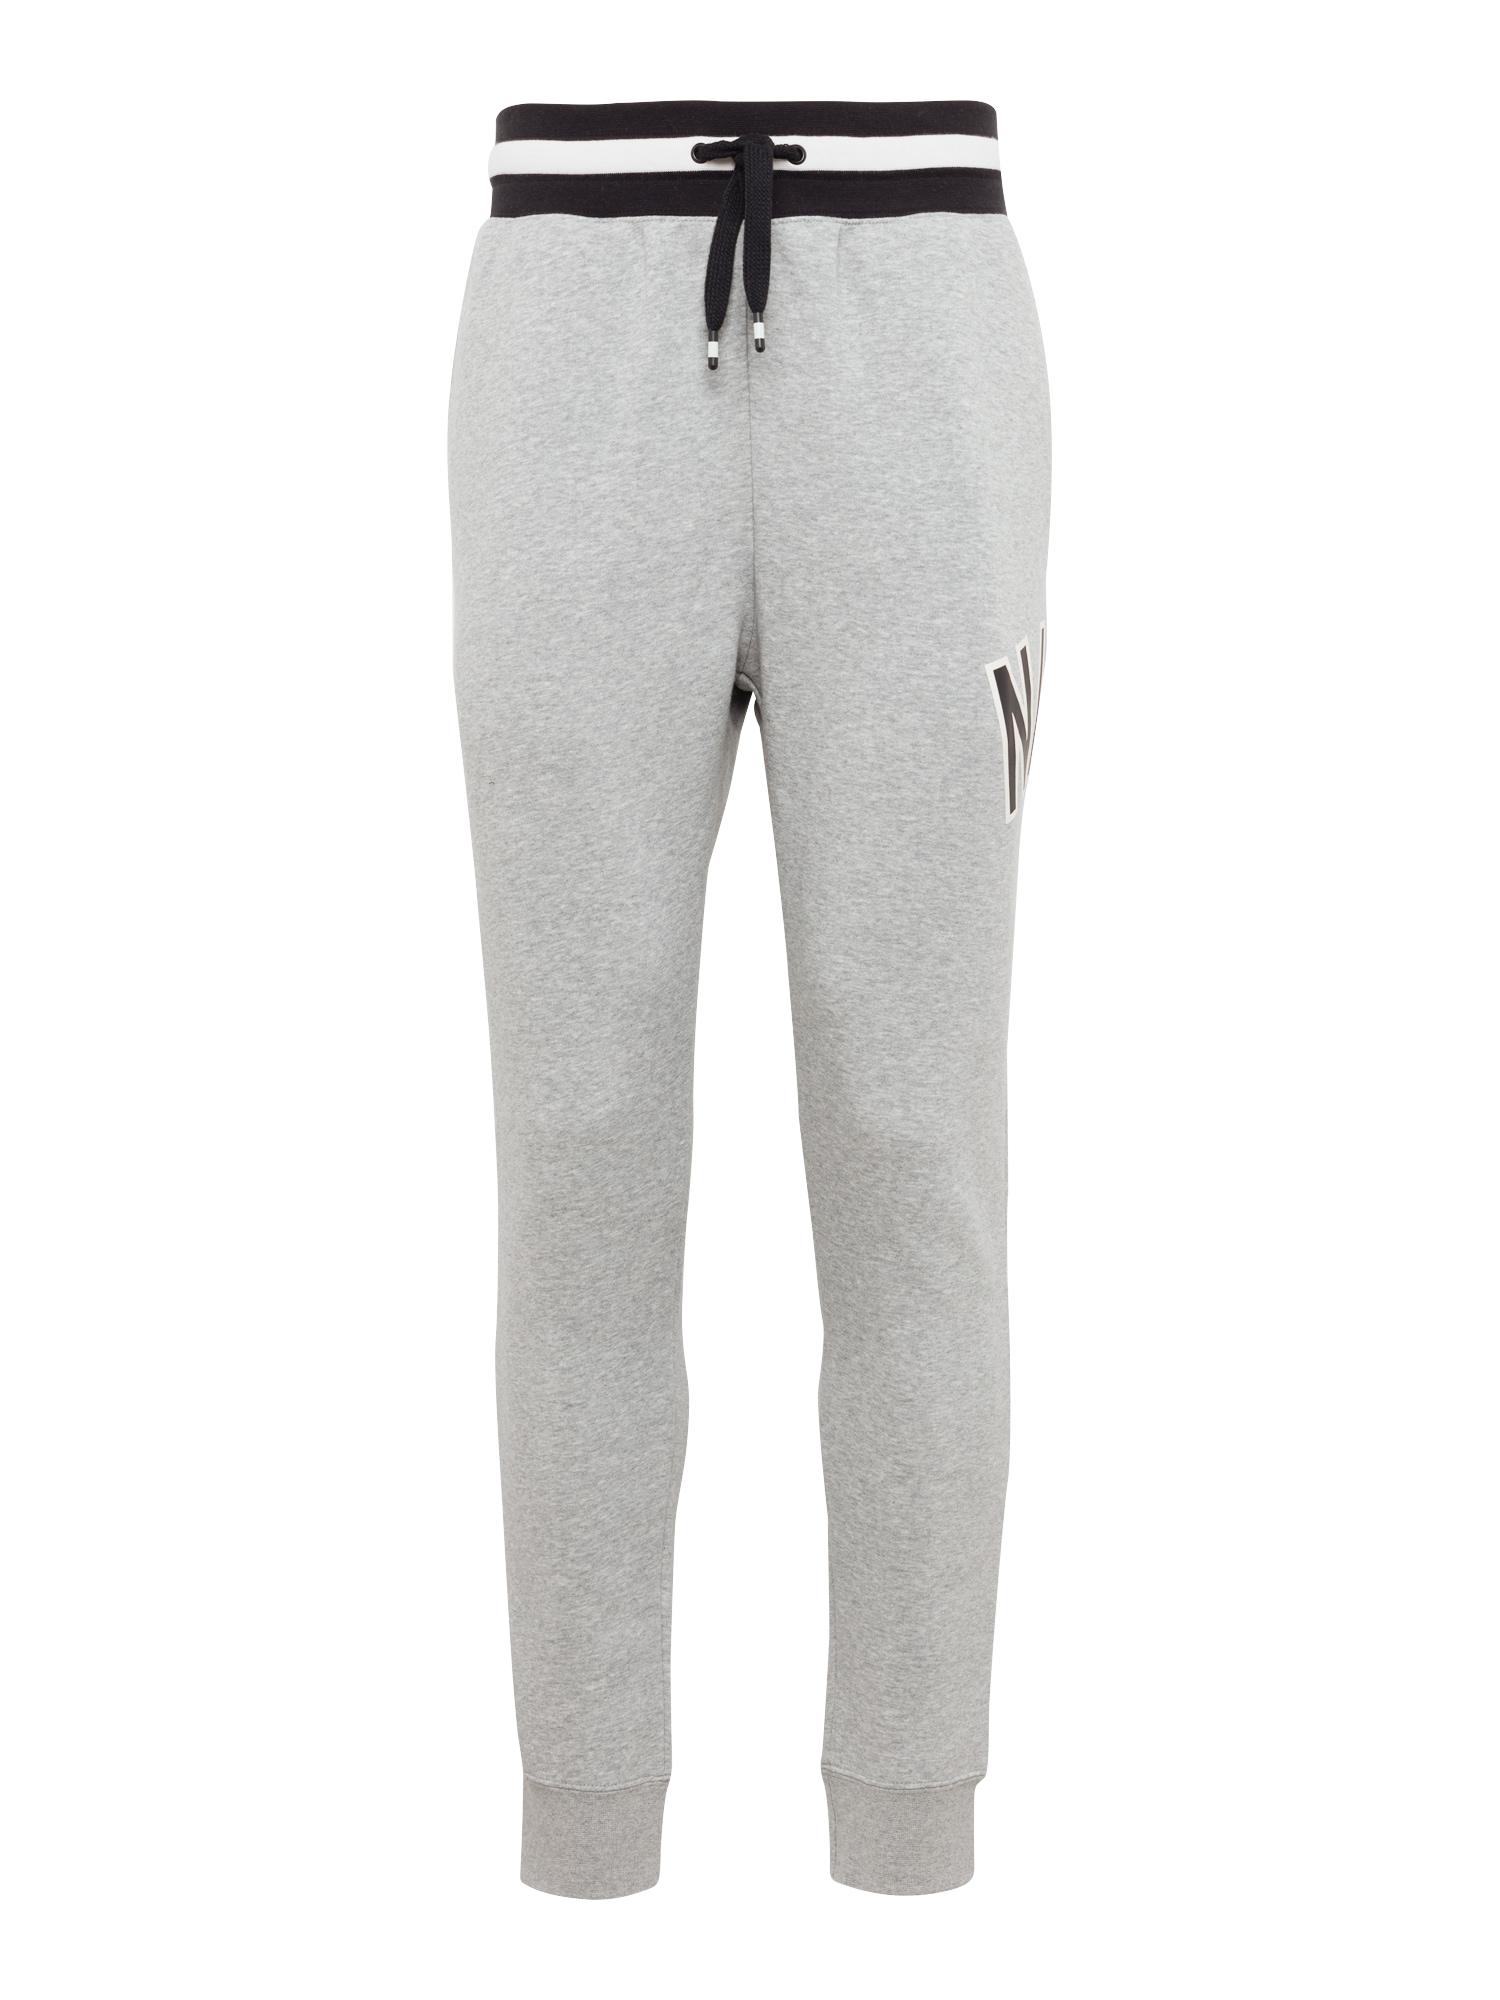 Kalhoty M NSW NIKE AIR PANT FLC šedá černá Nike Sportswear